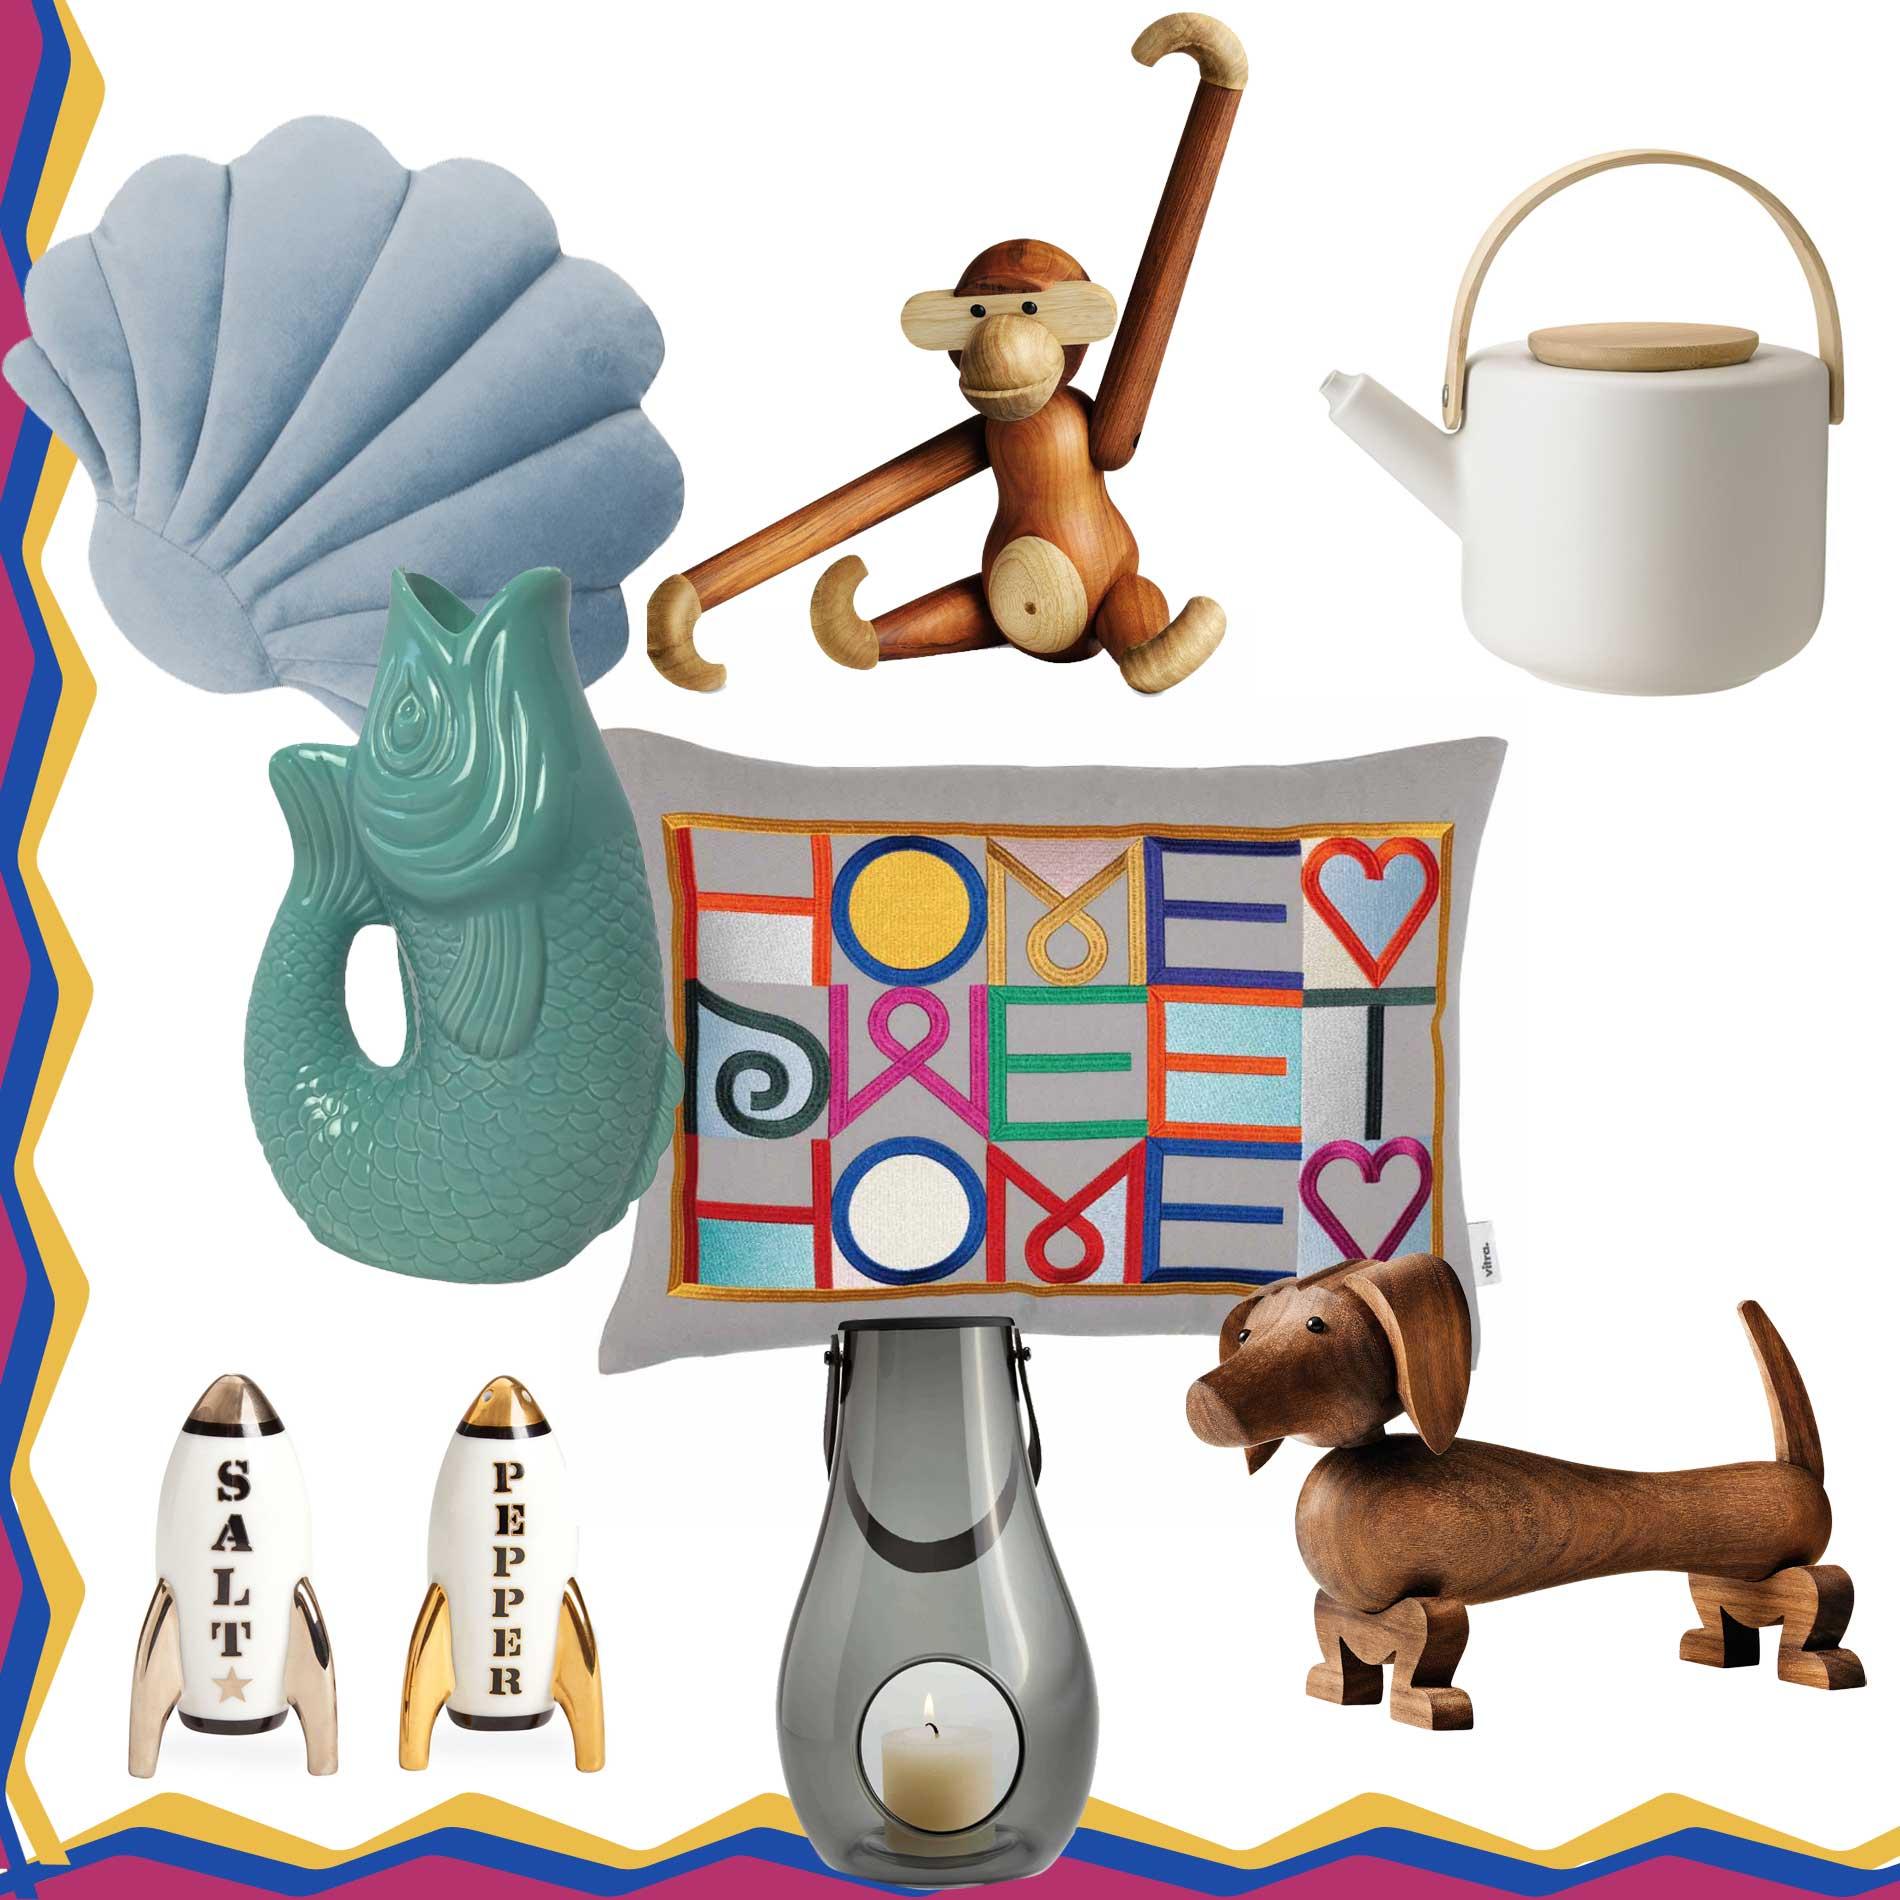 Gift Guide für Design- und Interior Liebhaber*innen, Geschenke zu Weihnachten, Geschenkideen, Design-Objekte, Home, Interior, Einrichtung, Wohnen, Geschenkideen,